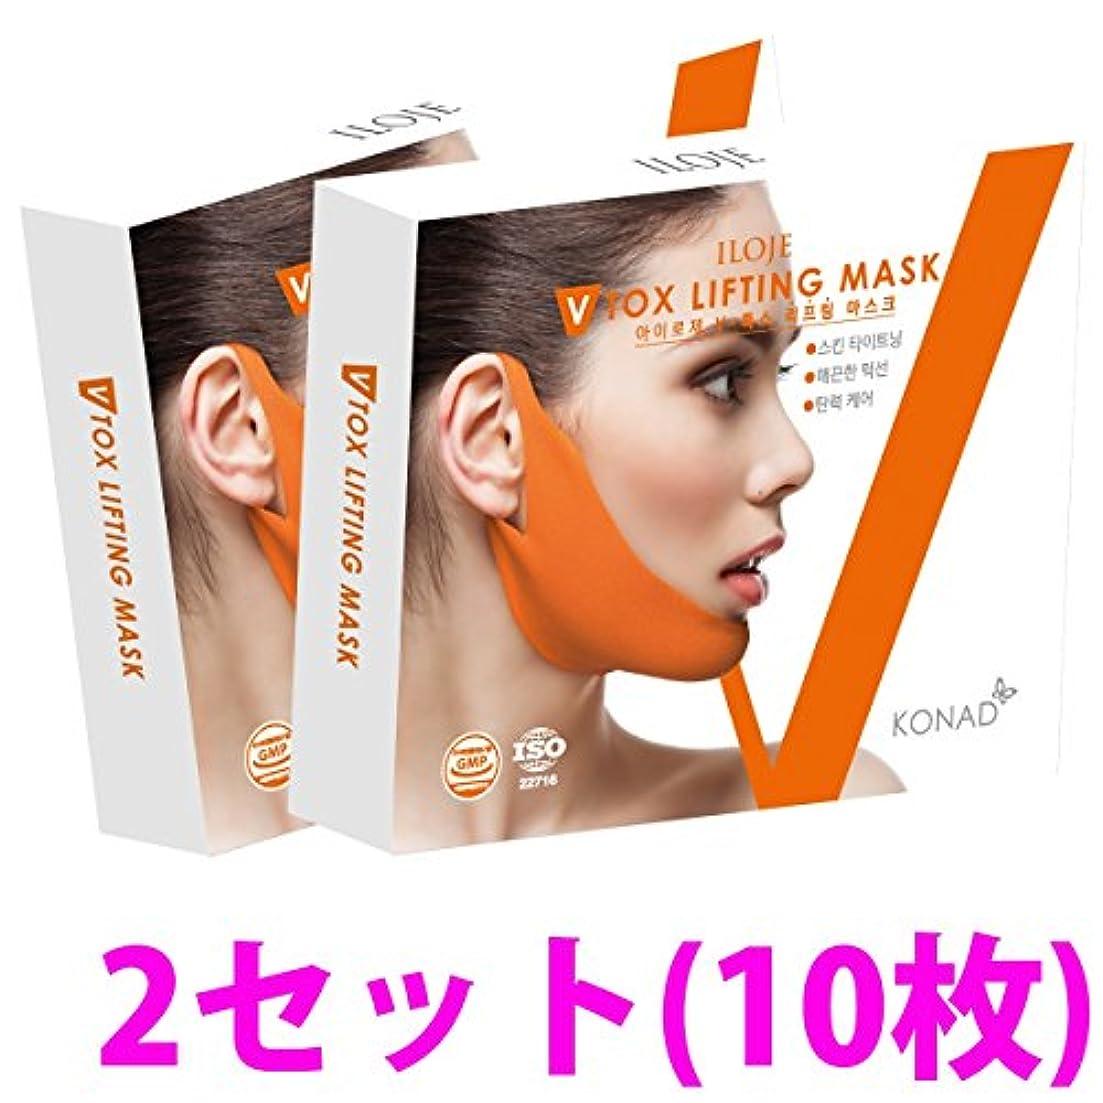 気性どこにでも強風女性の年齢は顎の輪郭で決まる!V-TOXリフティングマスクパック 2セット(10枚)